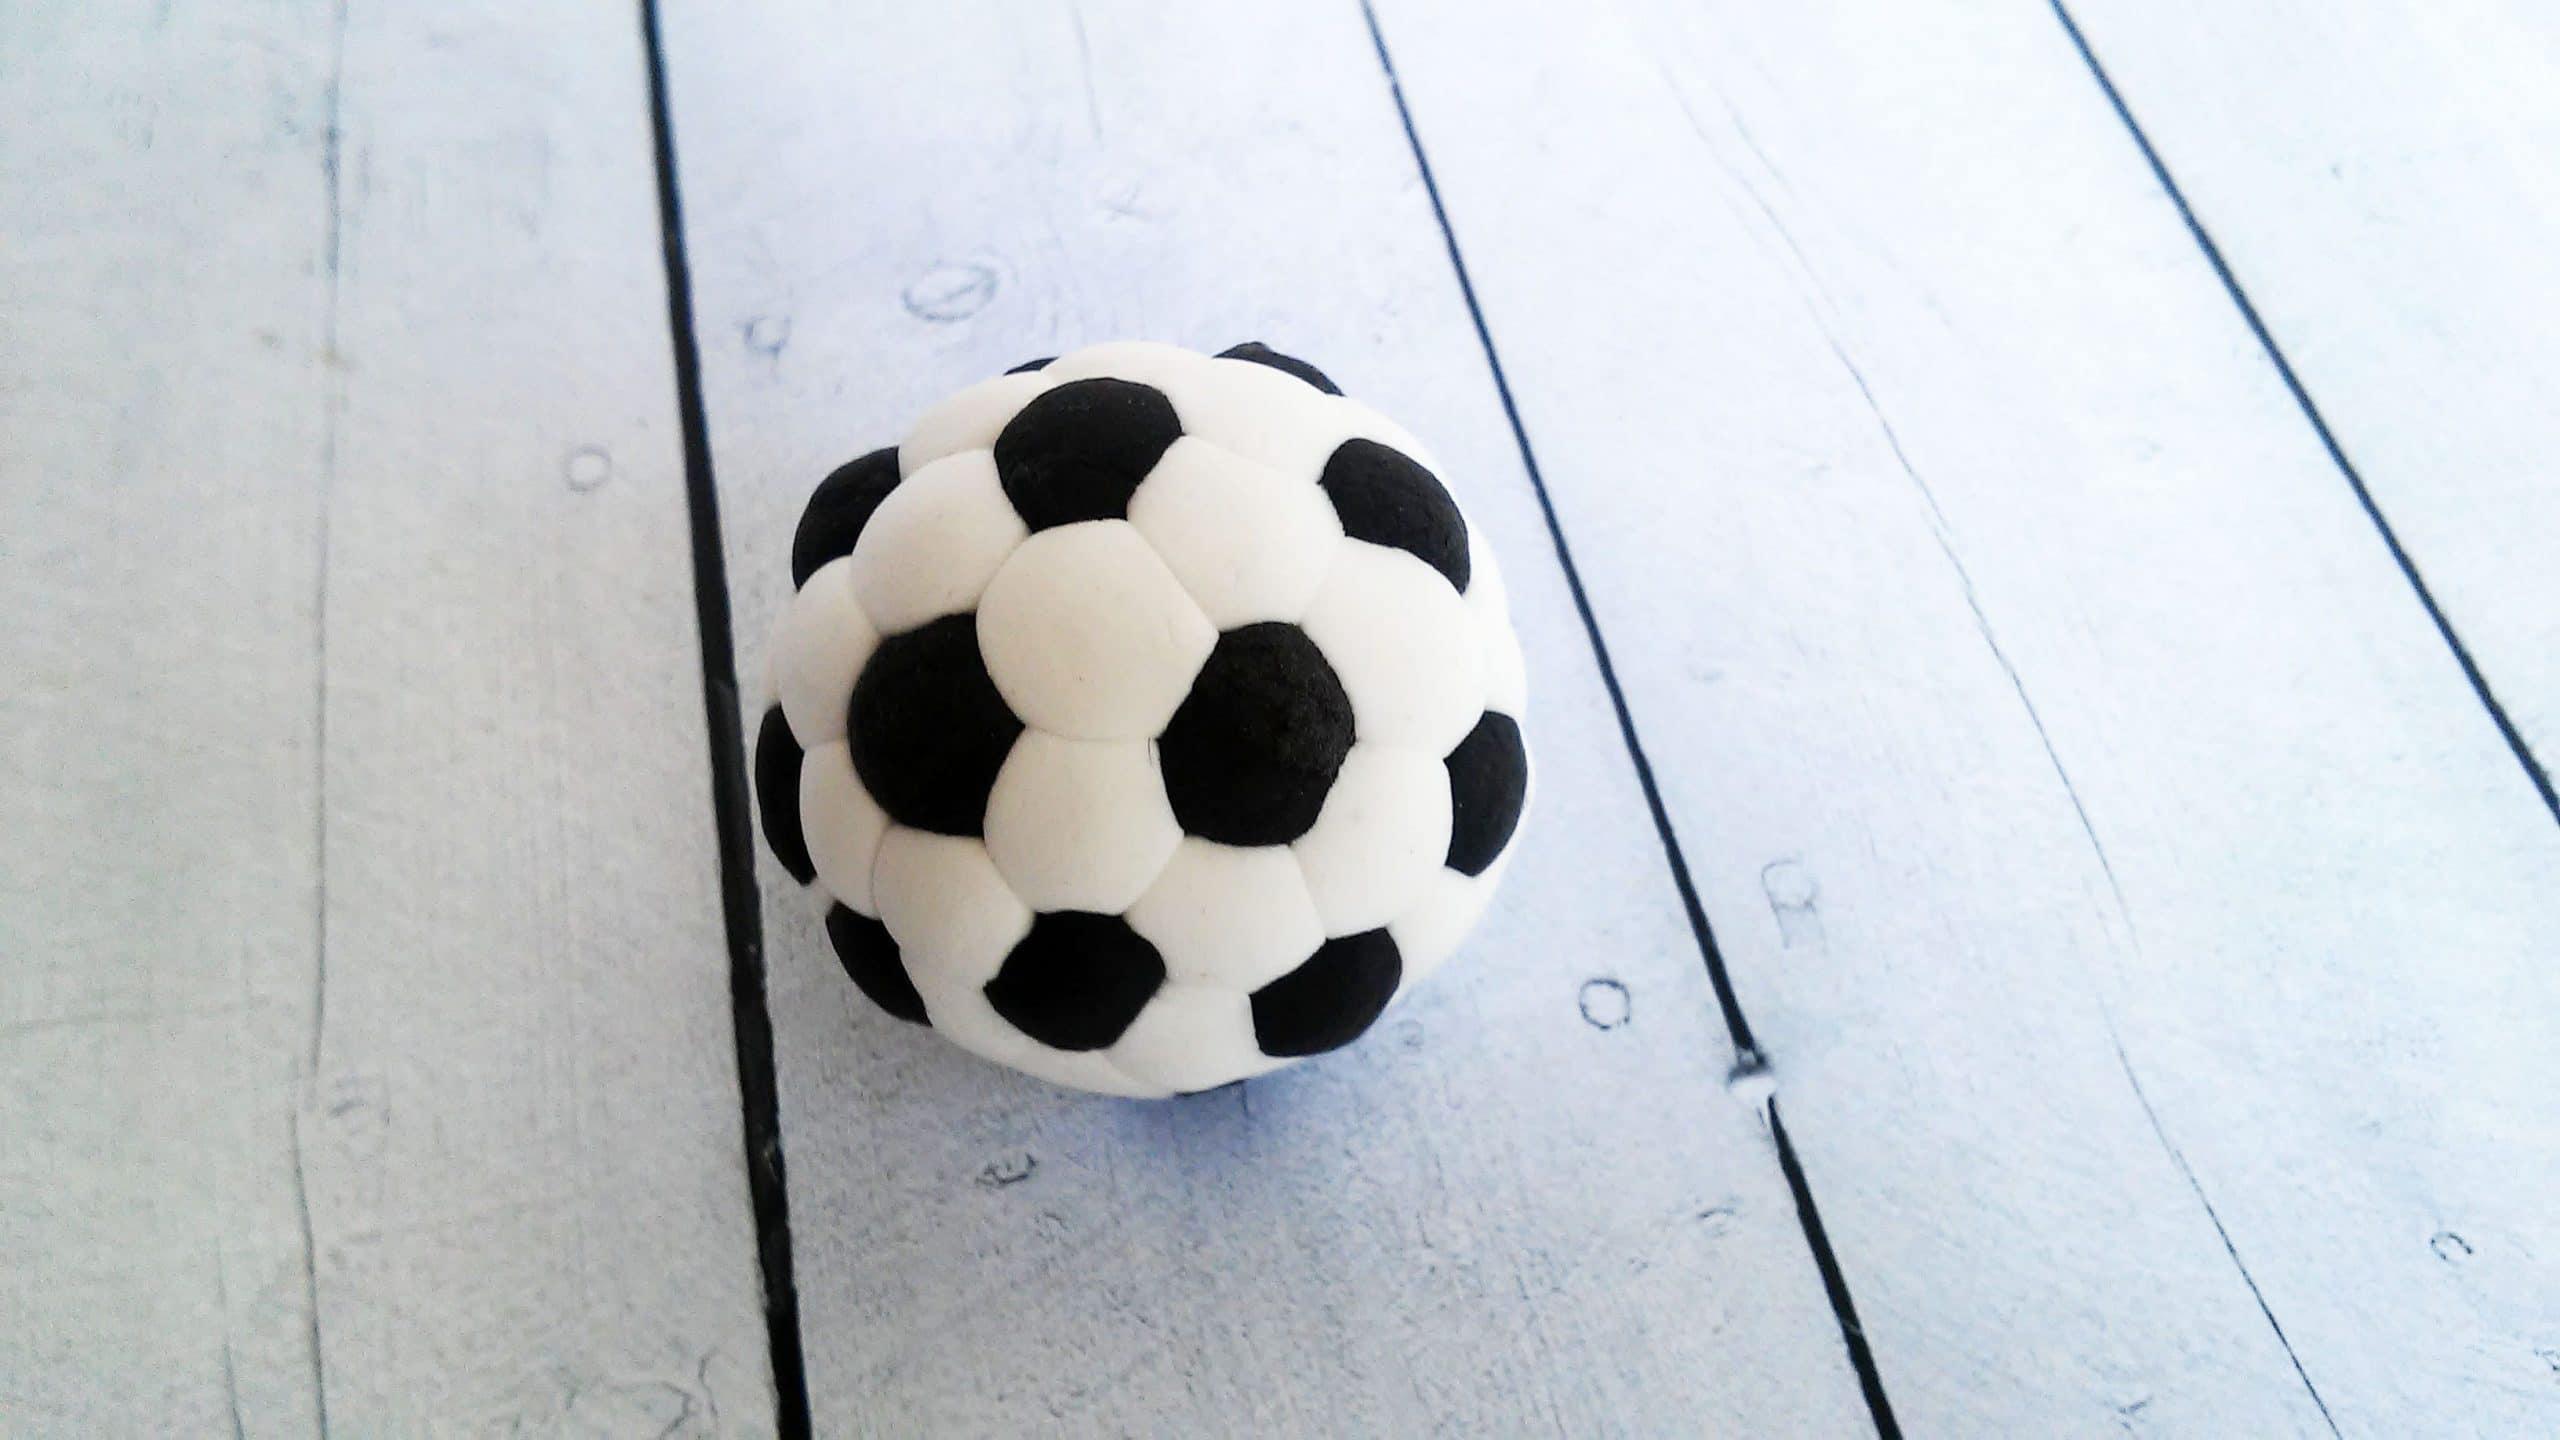 Cómo Hacer Un Balón De Fútbol Con Fimo O Arcilla Polimérica